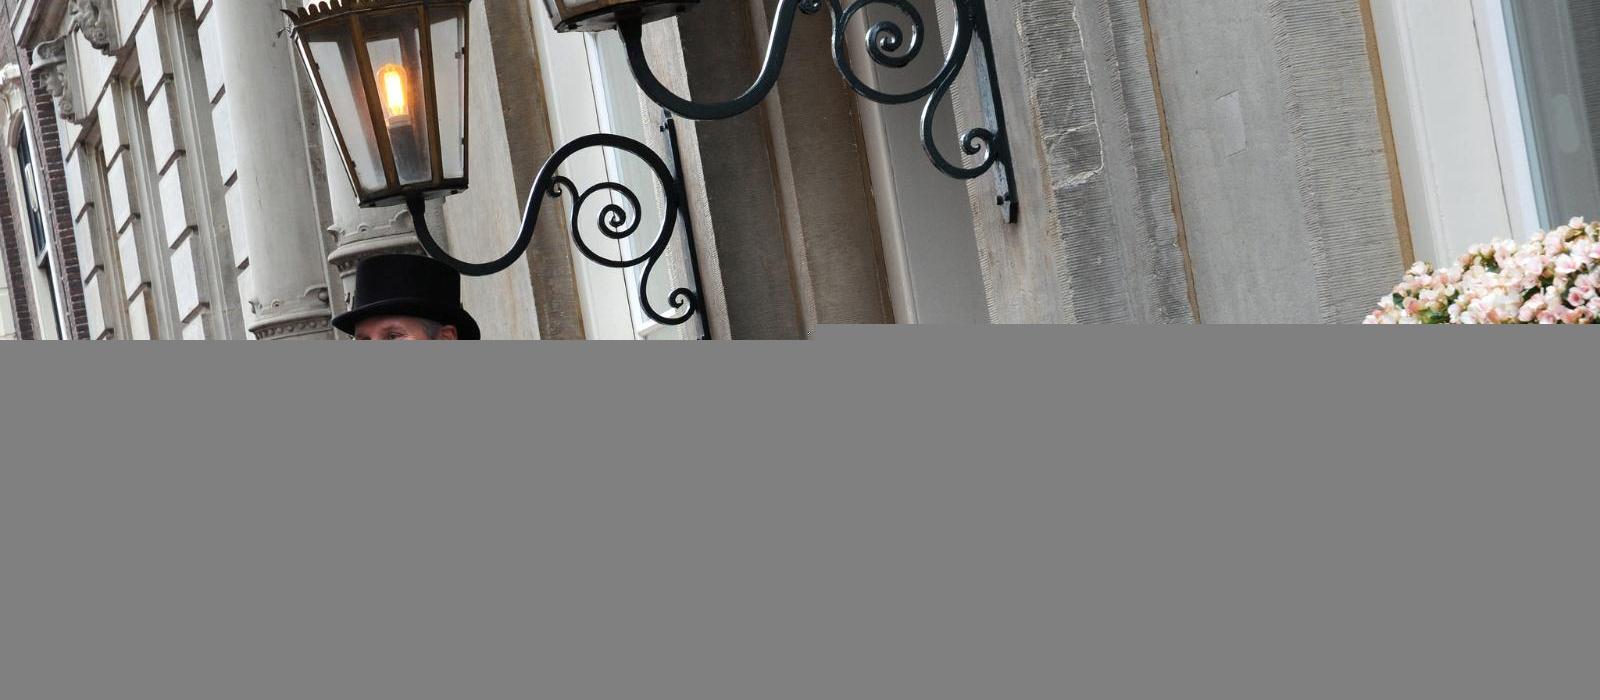 阿姆斯特丹欧洲古韵酒店(De L'Europe Amsterdam) 酒店入口图片  www.lhw.cn